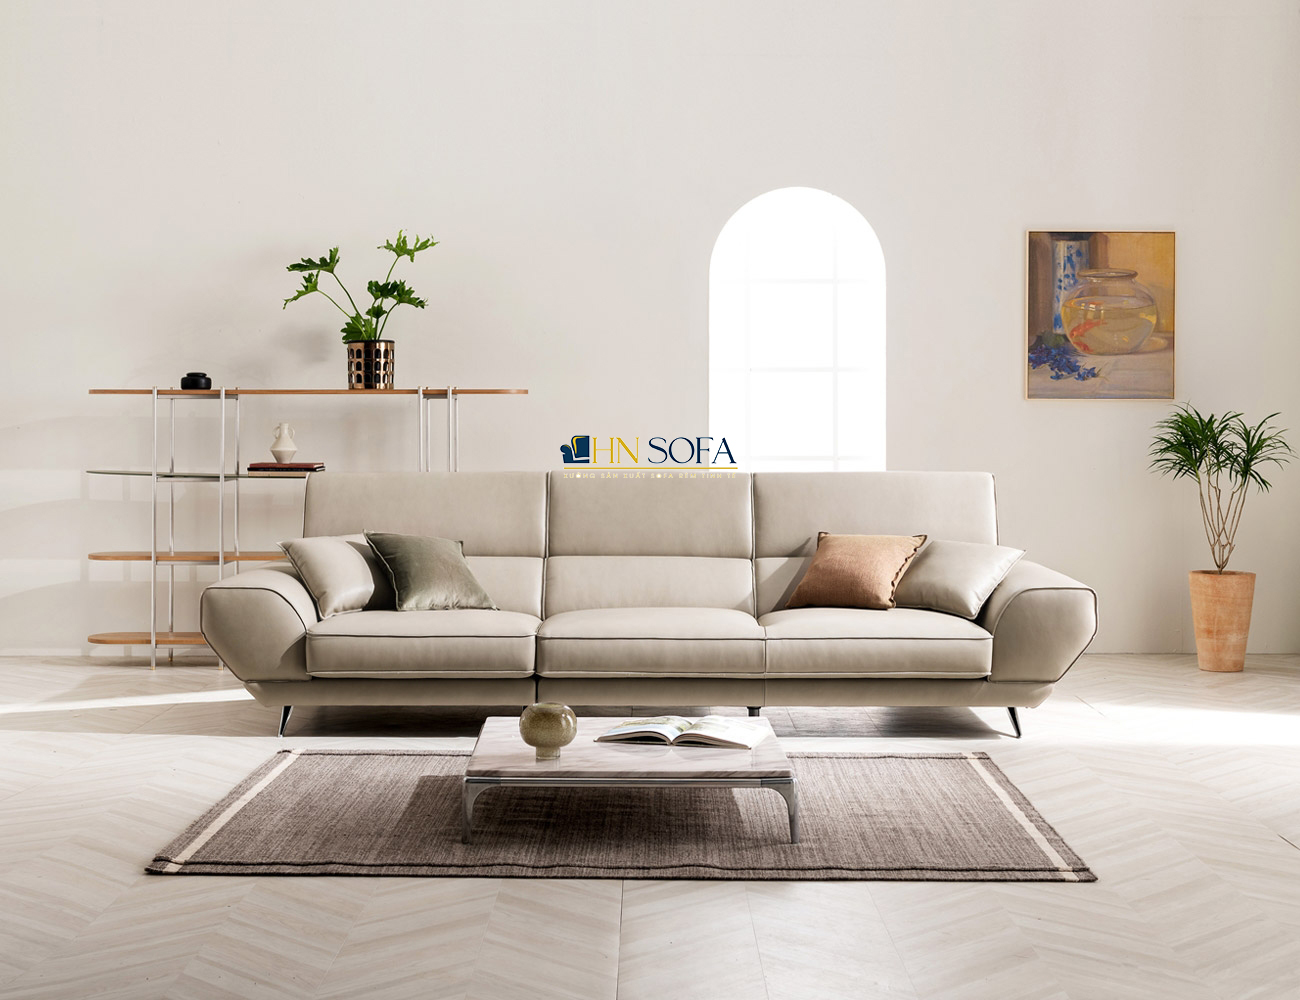 Phân tích ưu điểm, nhược điểm của hình thức mua sofa trả góp